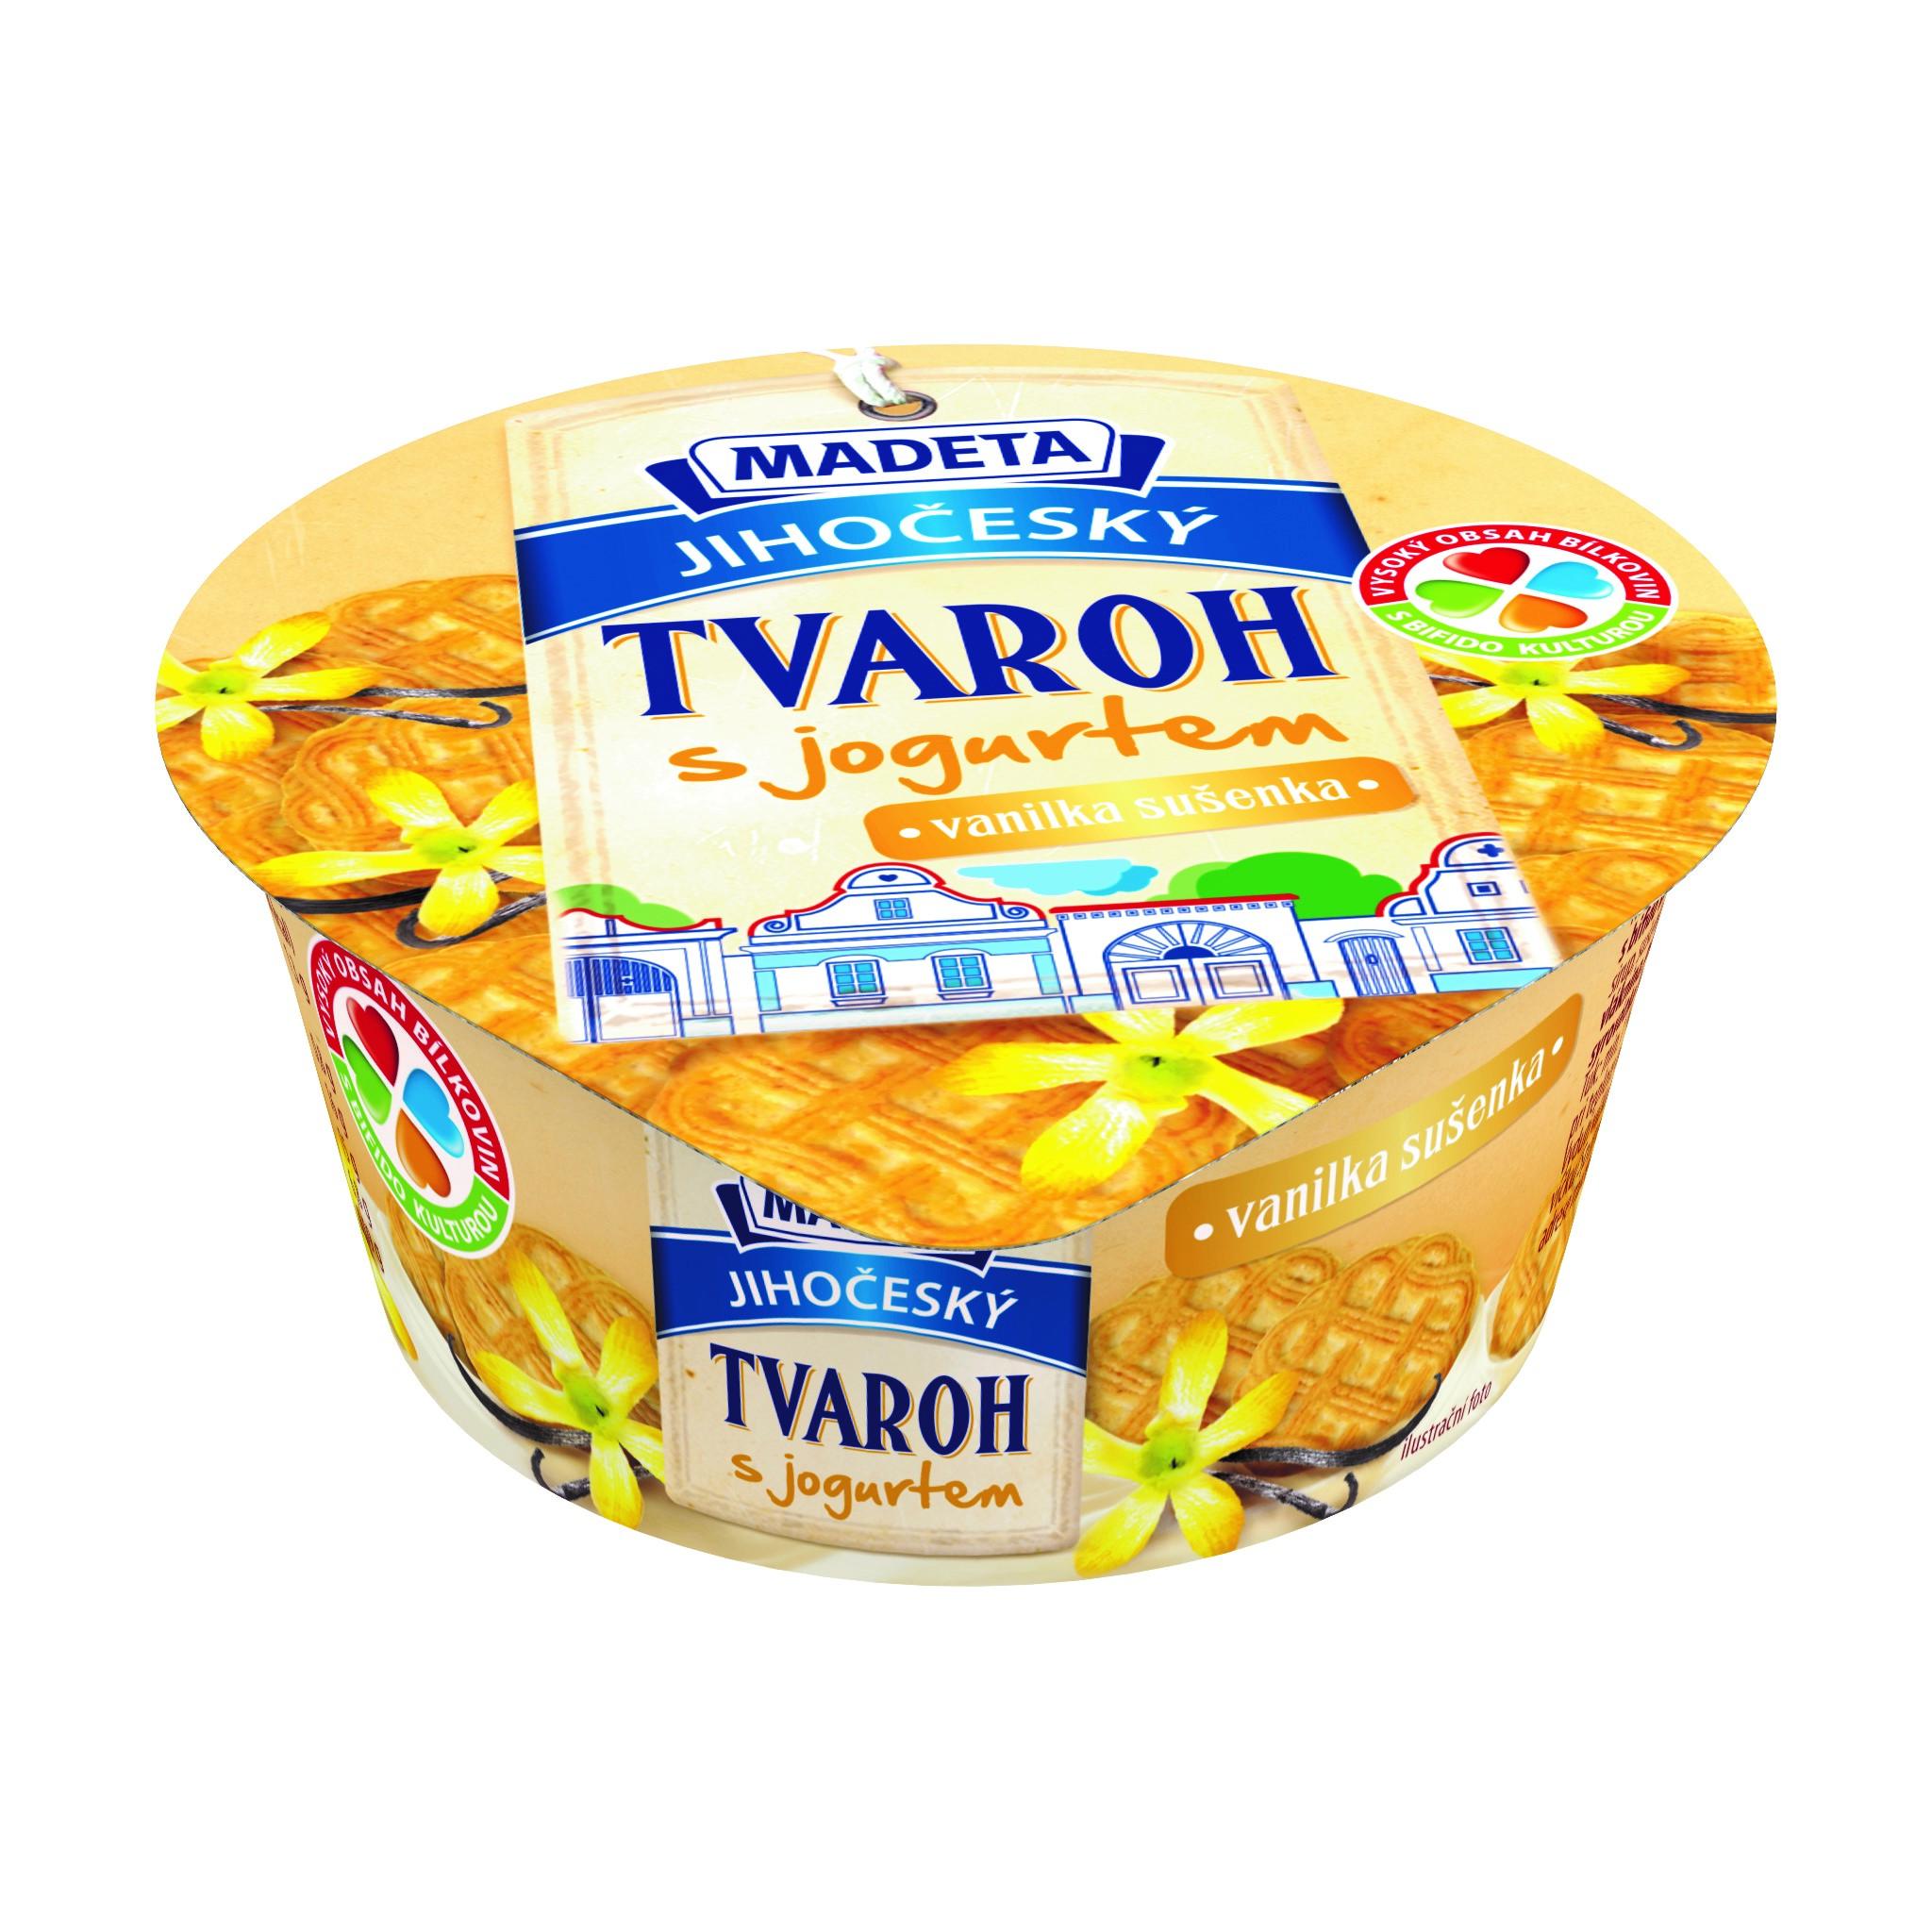 Značka Jihočeský tvaroh s jogurtem vanilka-sušenka